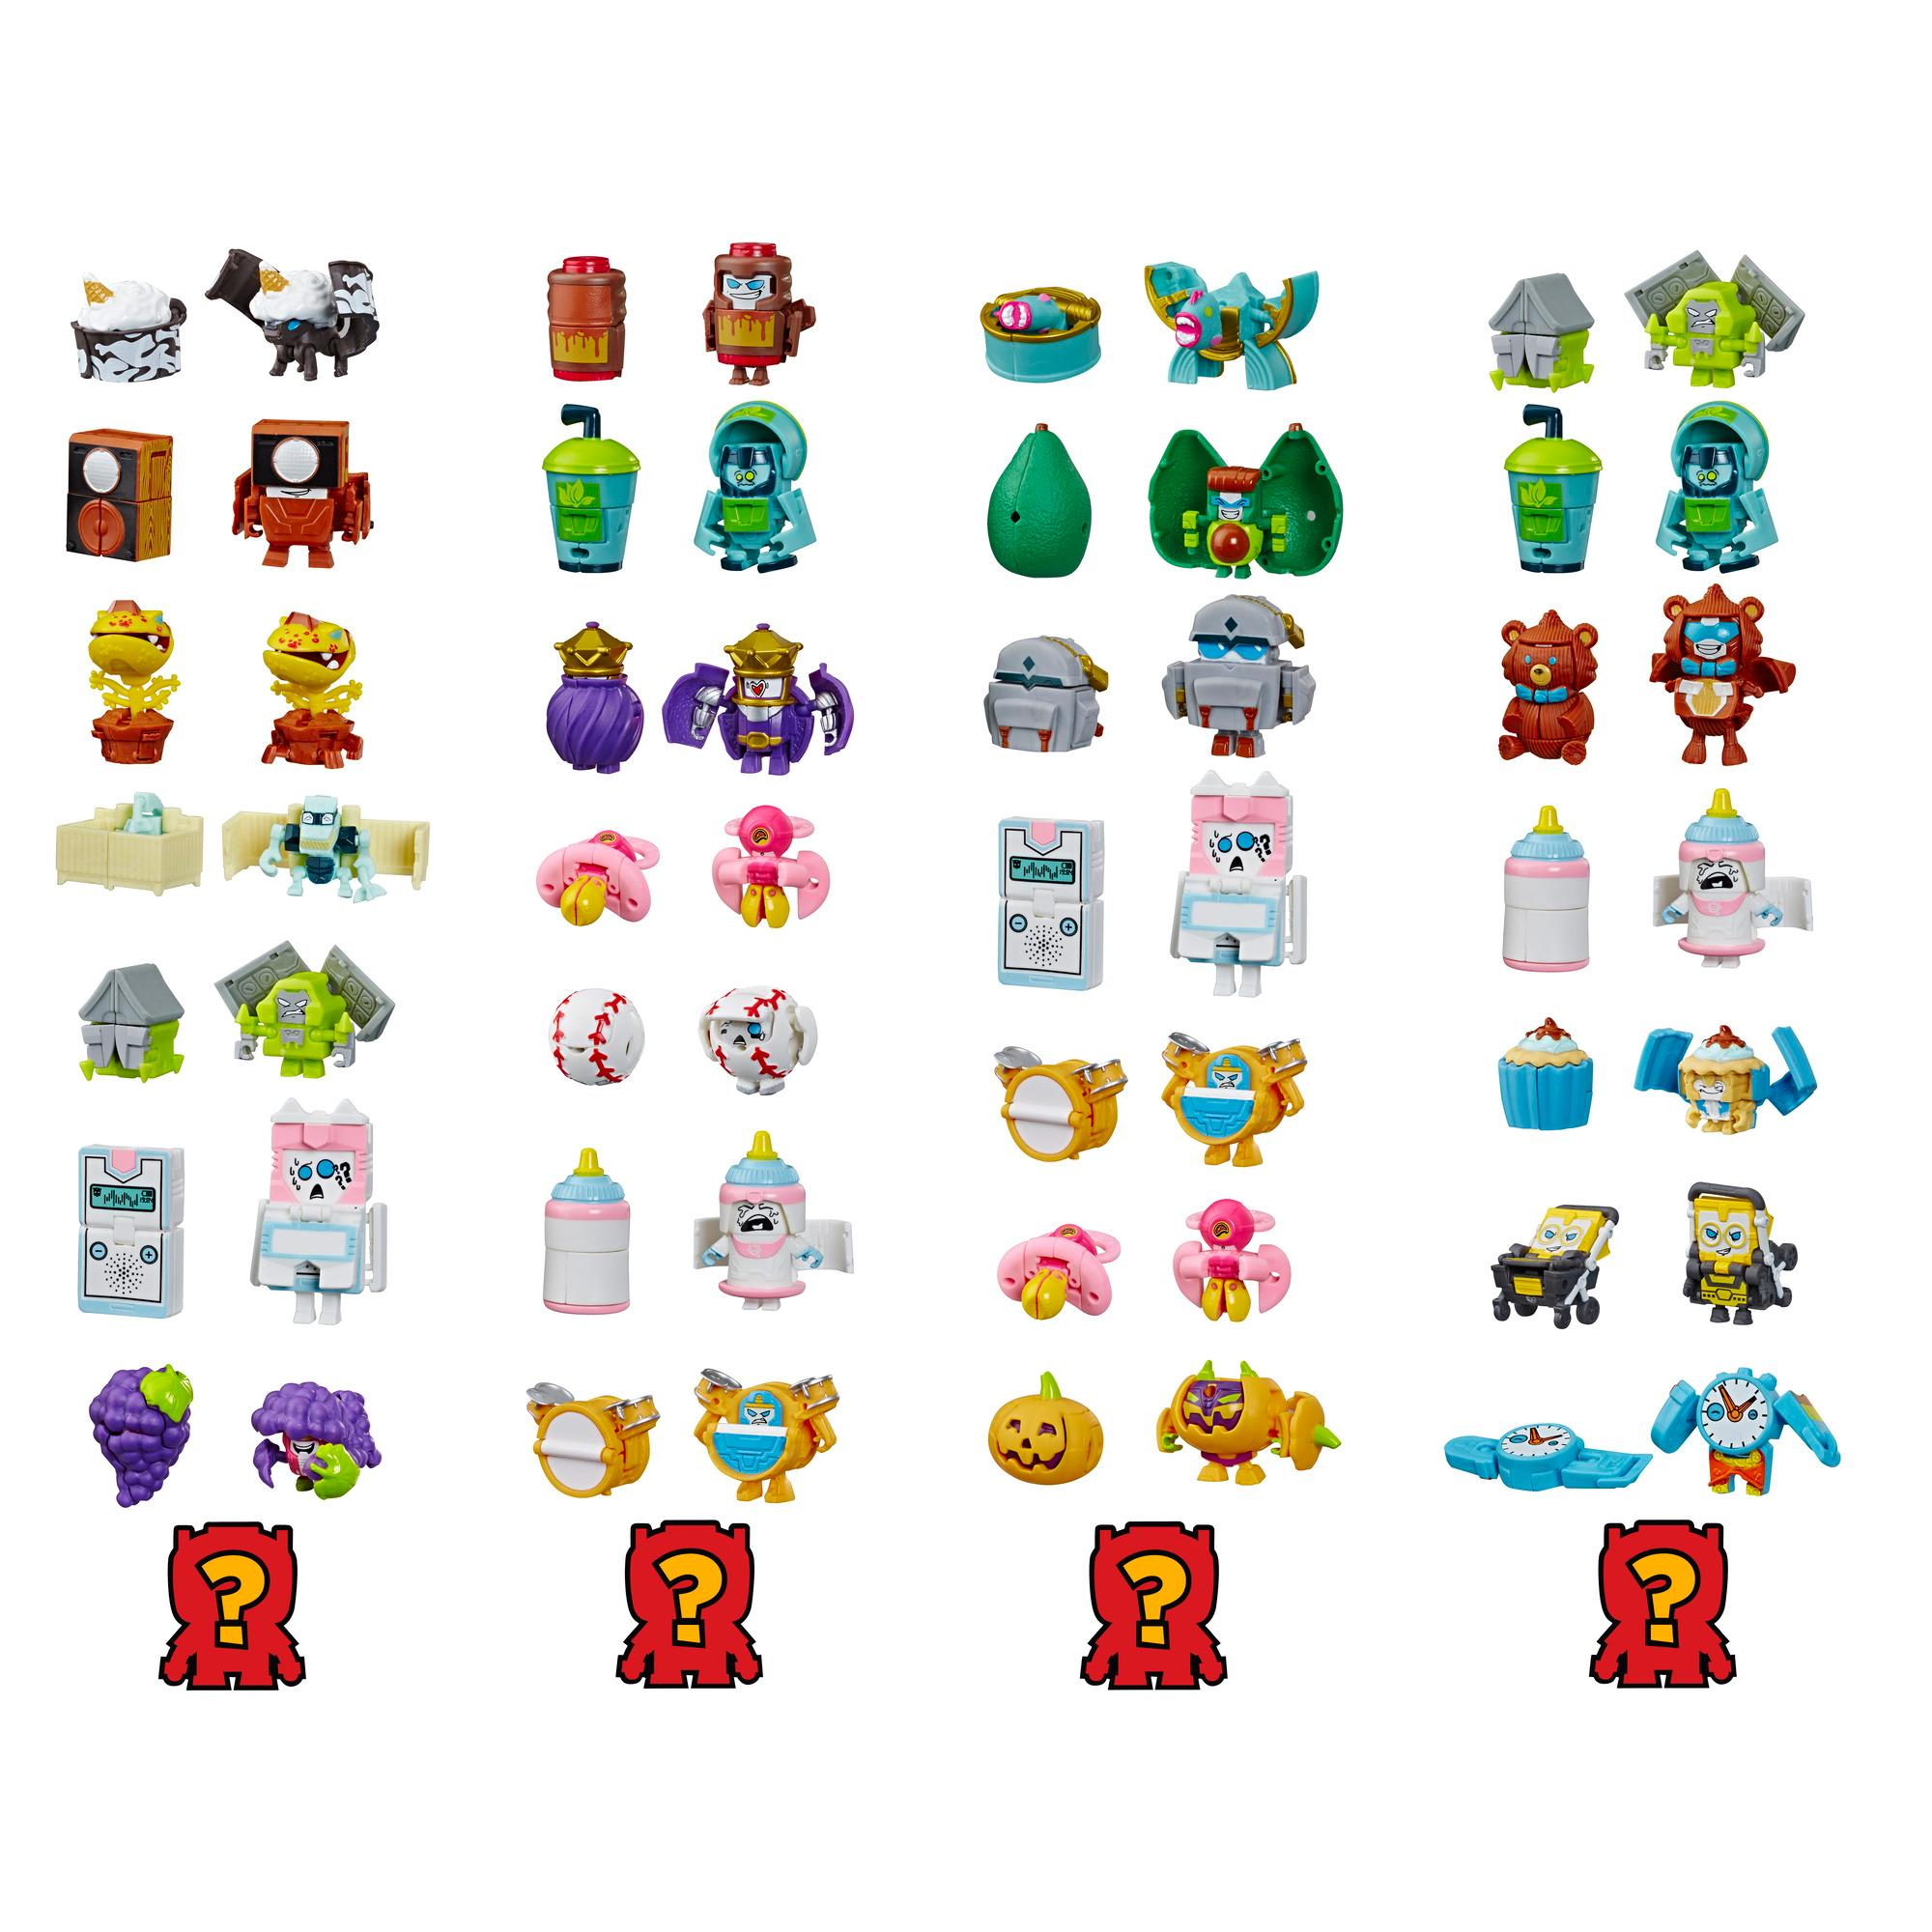 Jouet Transformers BotBots série 3 Ensemble de 8 des Robots-berceau - Figurines mystères 2 en 1 à collectionner! Enfants à partir de 5 ans